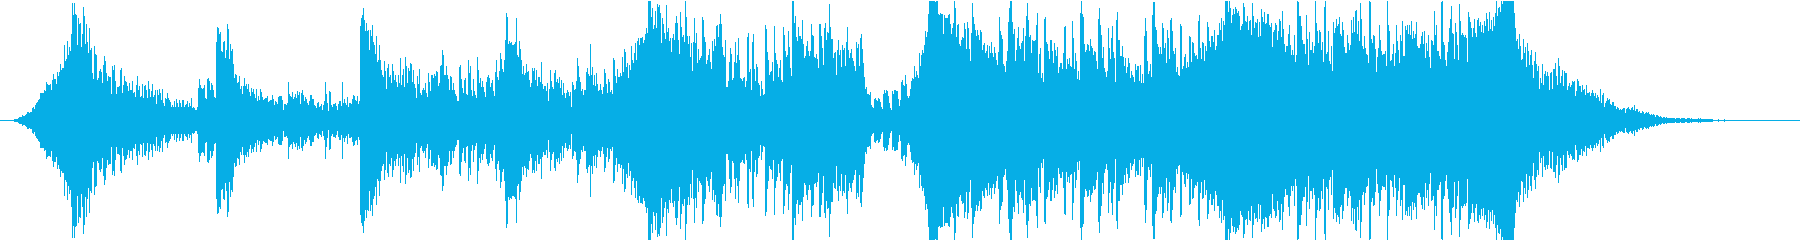 壮大で緊迫感のあるBGMの再生済みの波形